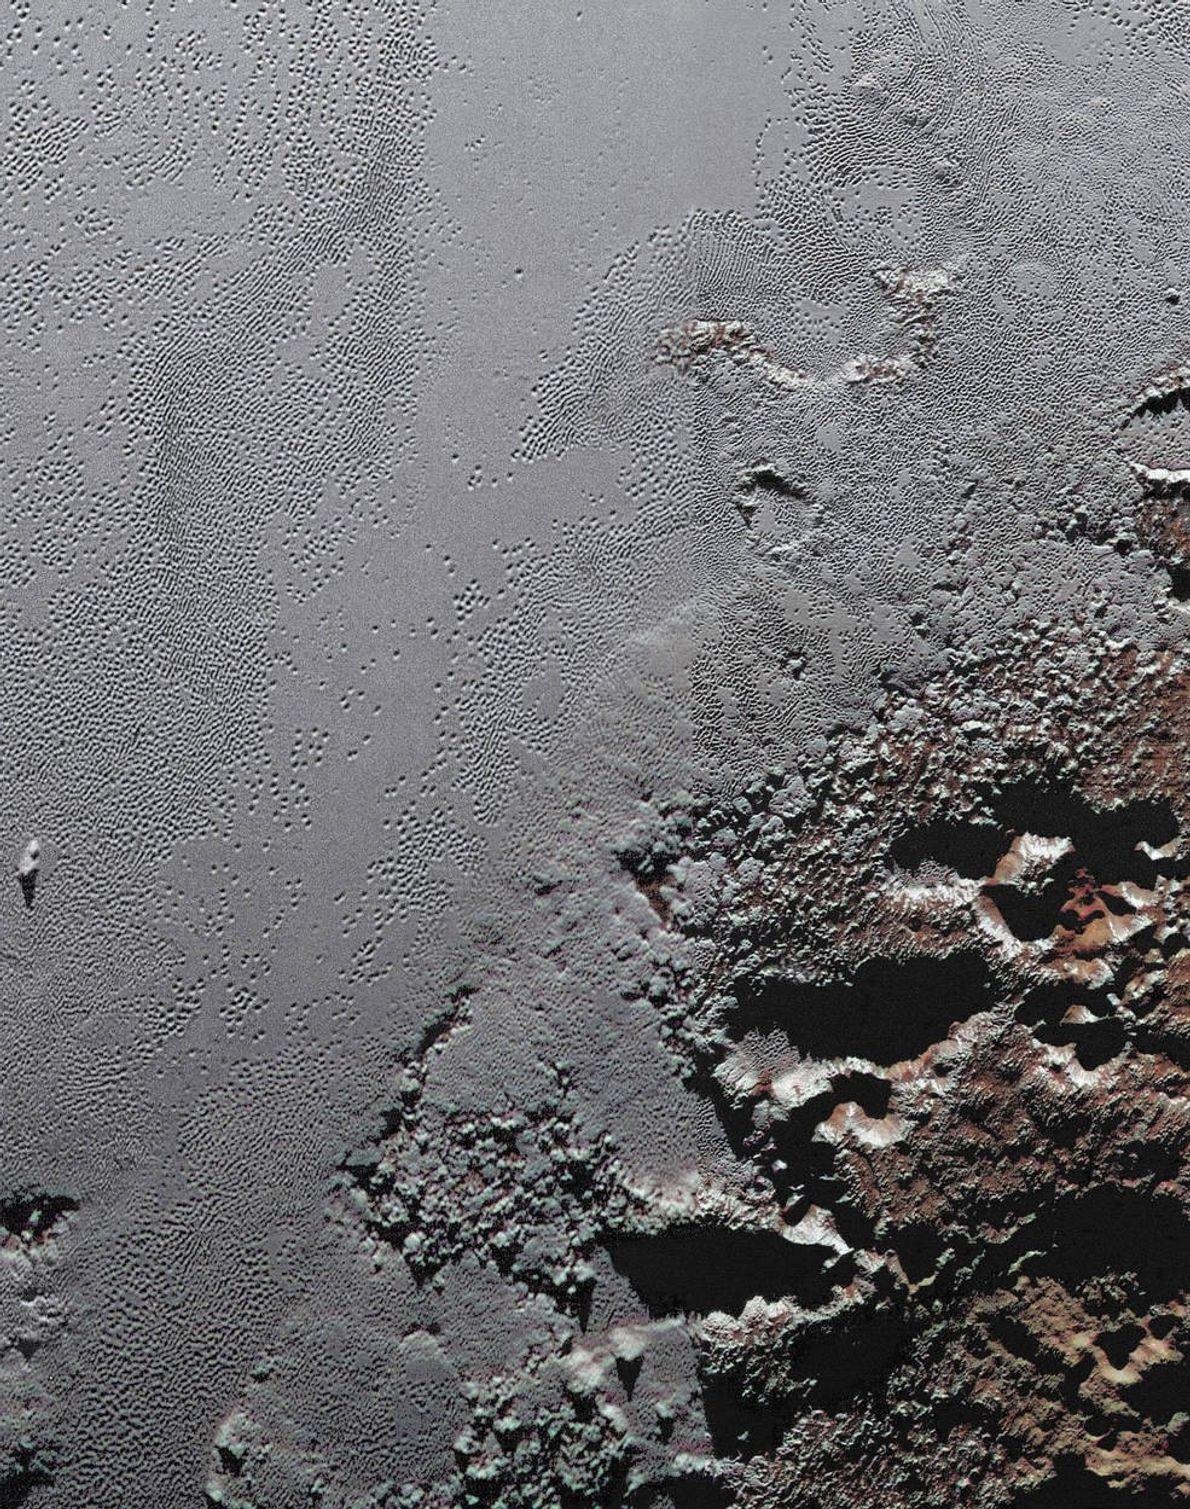 Esta imagem dramática captada pela sonda New Horizons da NASA mostra as montanhas escuras de Krun ...